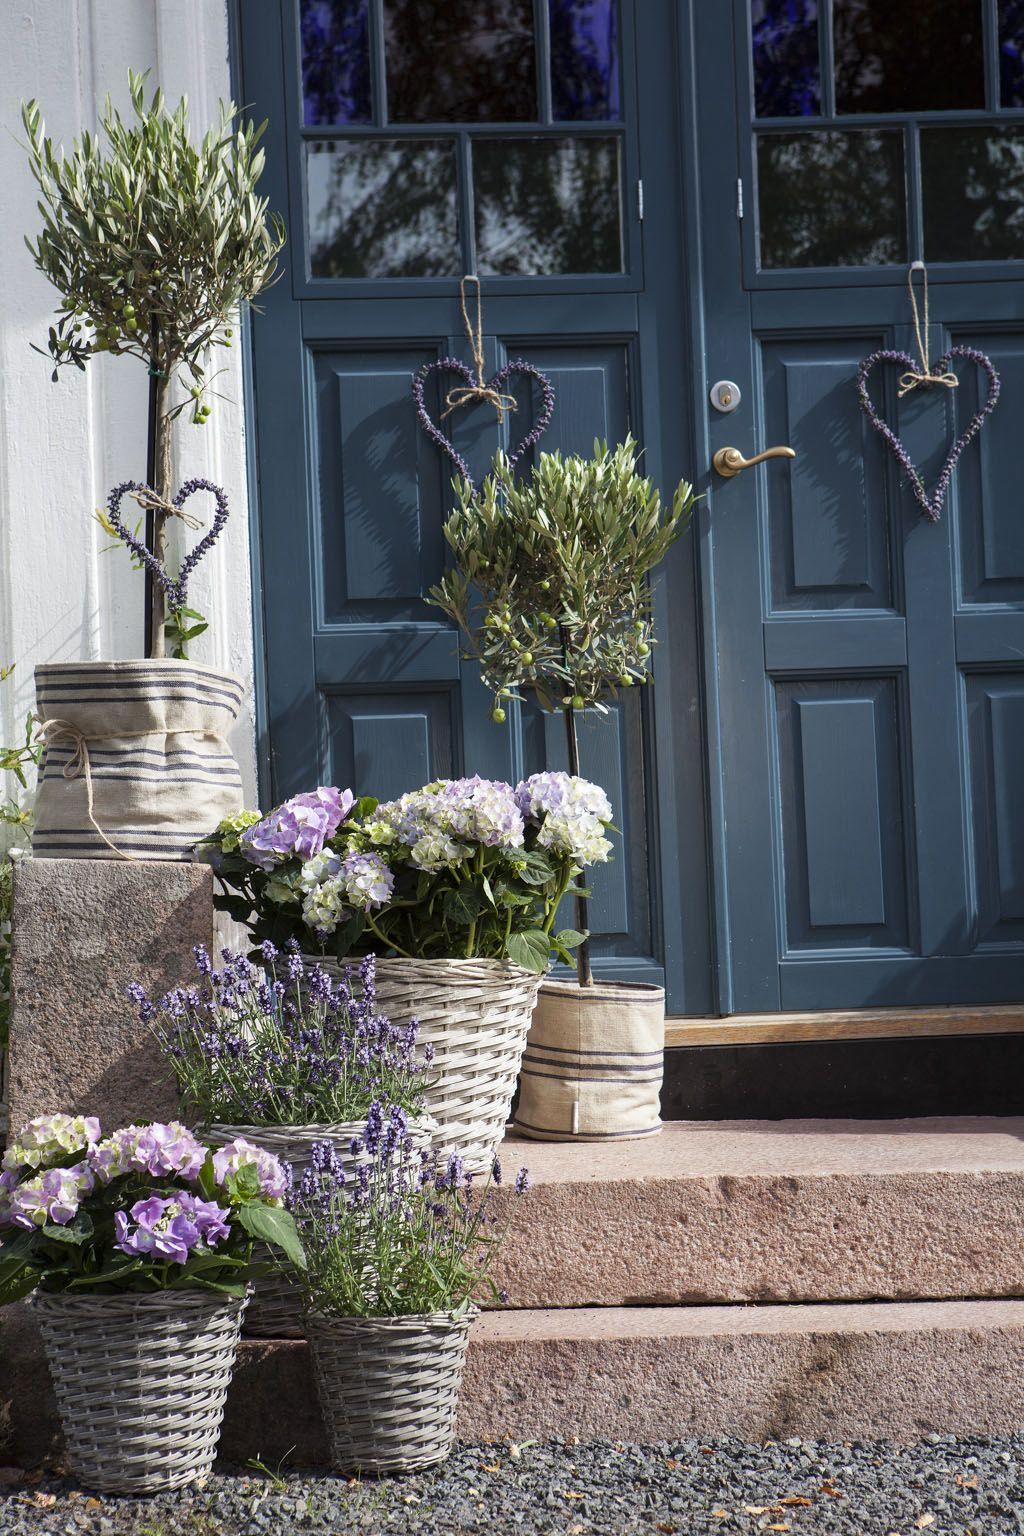 oliven hortensien lavendel mygarden pinterest hortensien oliven und lavendel. Black Bedroom Furniture Sets. Home Design Ideas